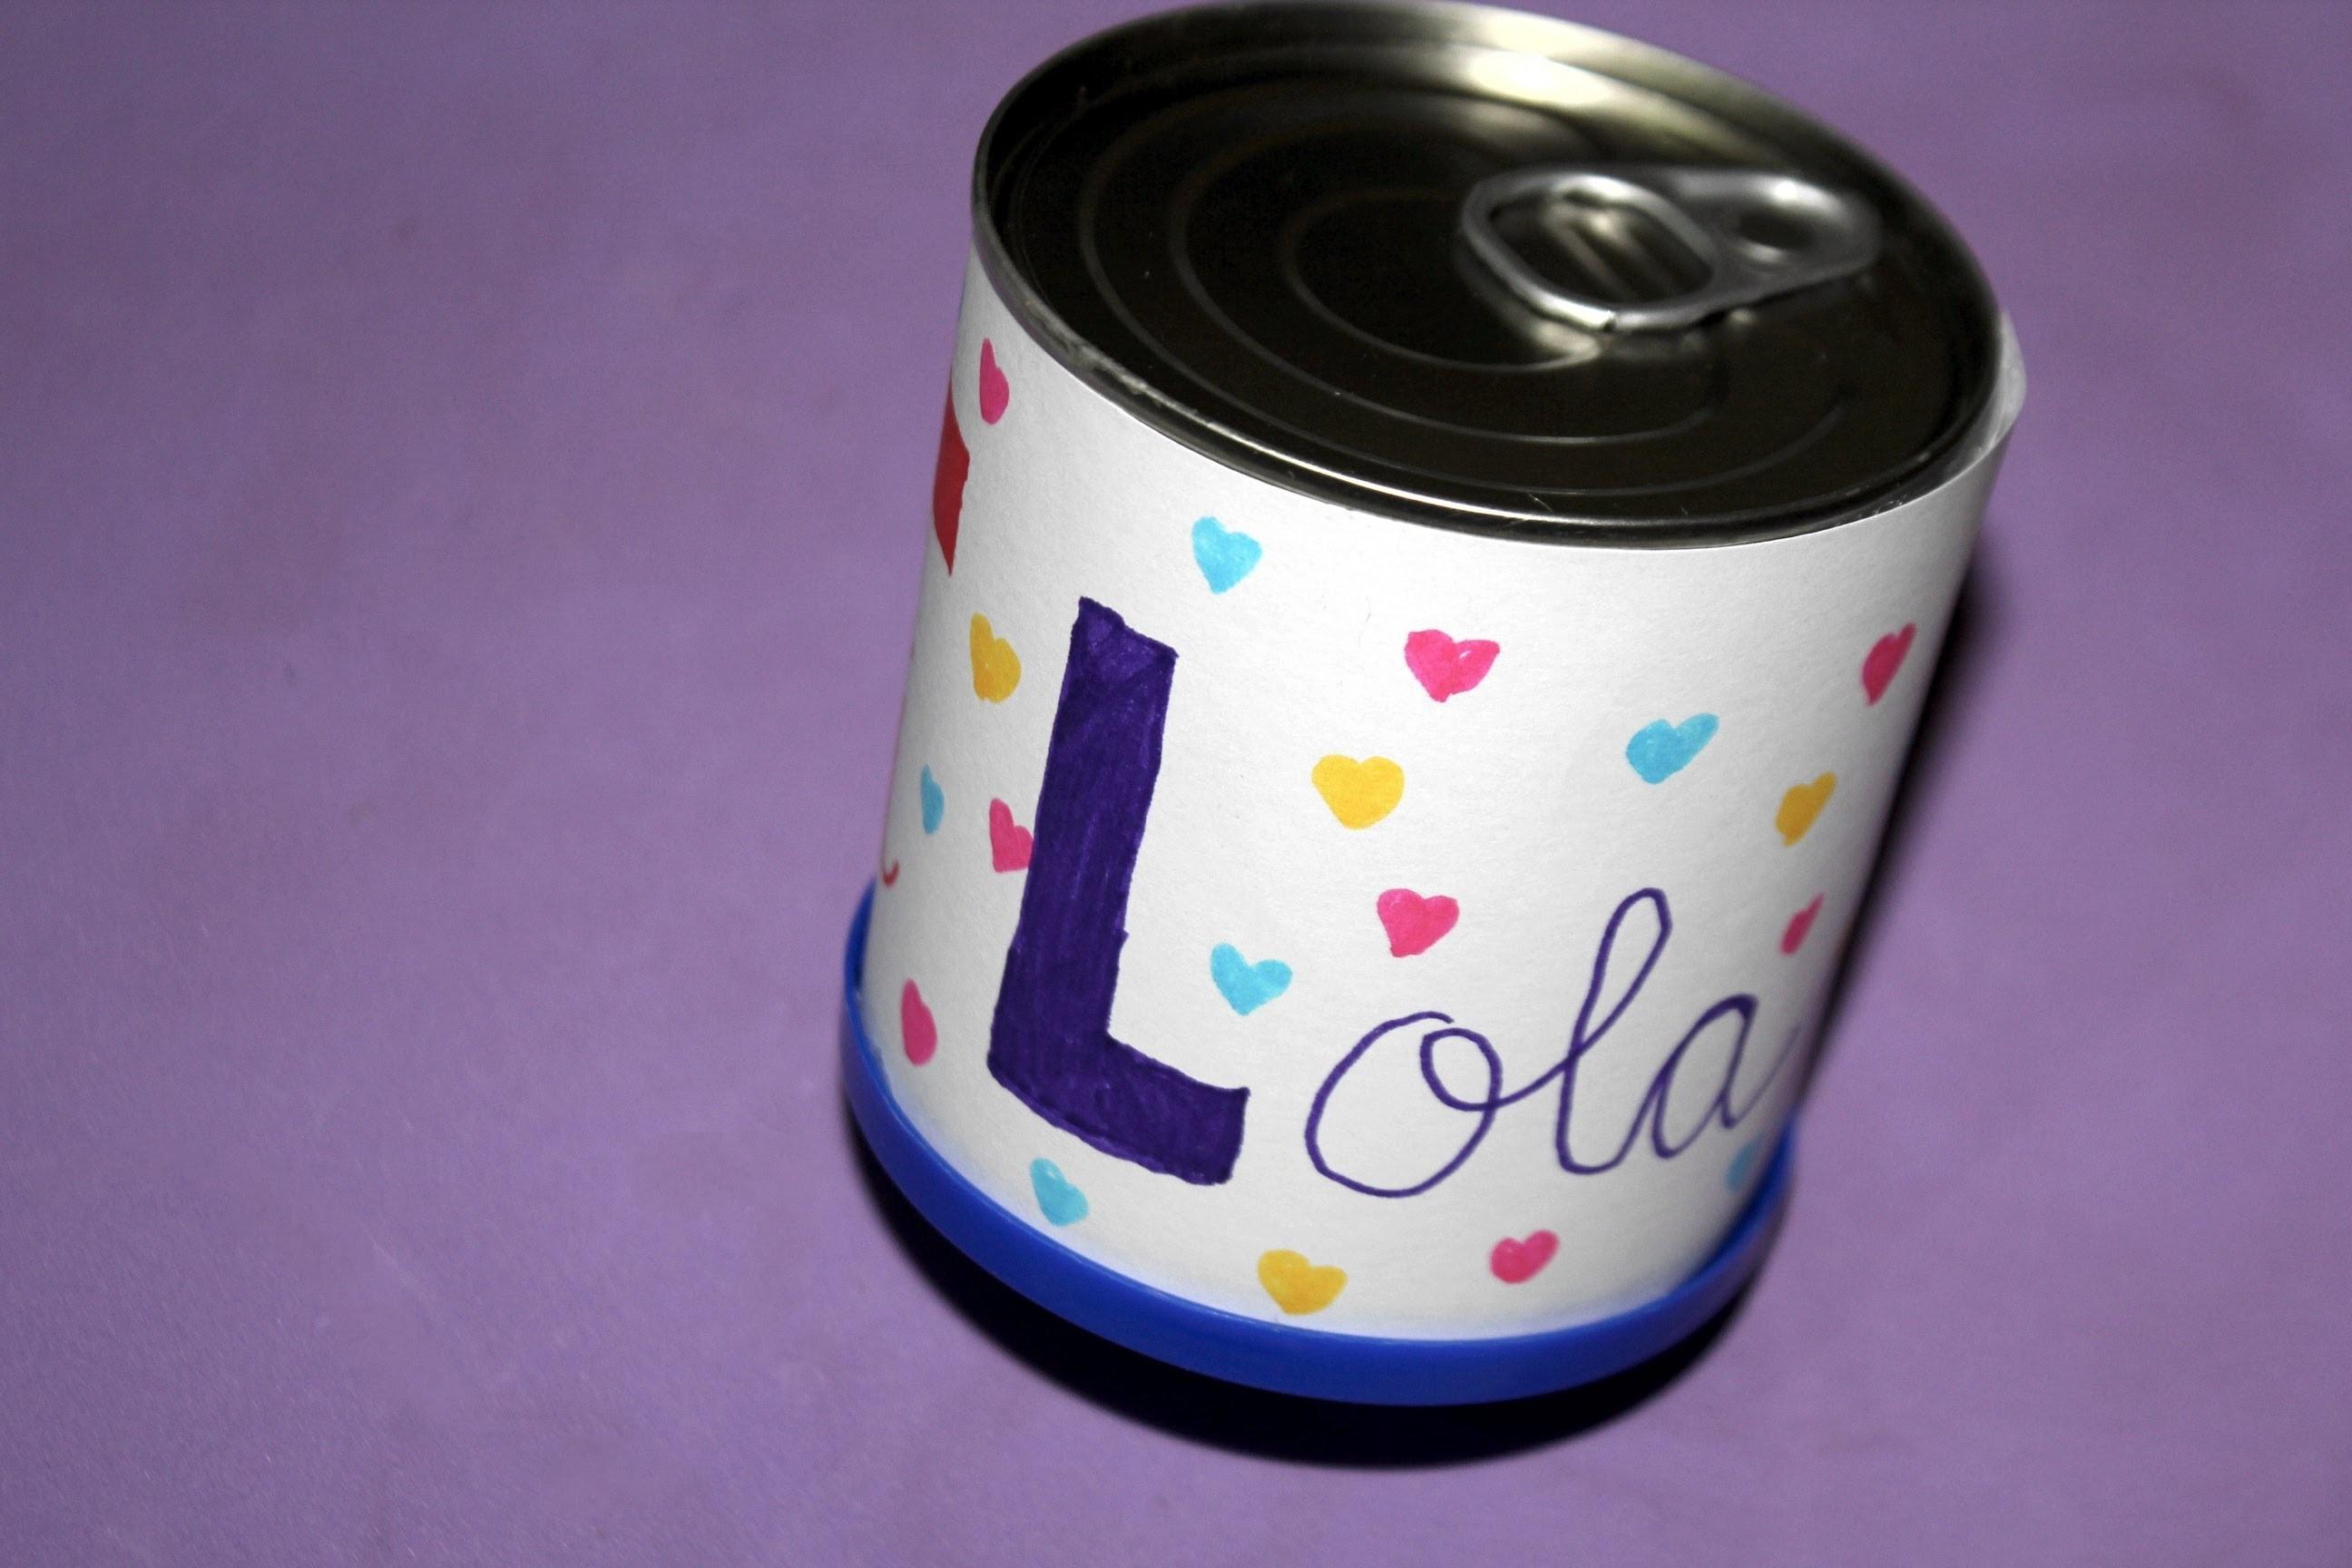 Reciclaje: Lata para meter regalos. Gift can